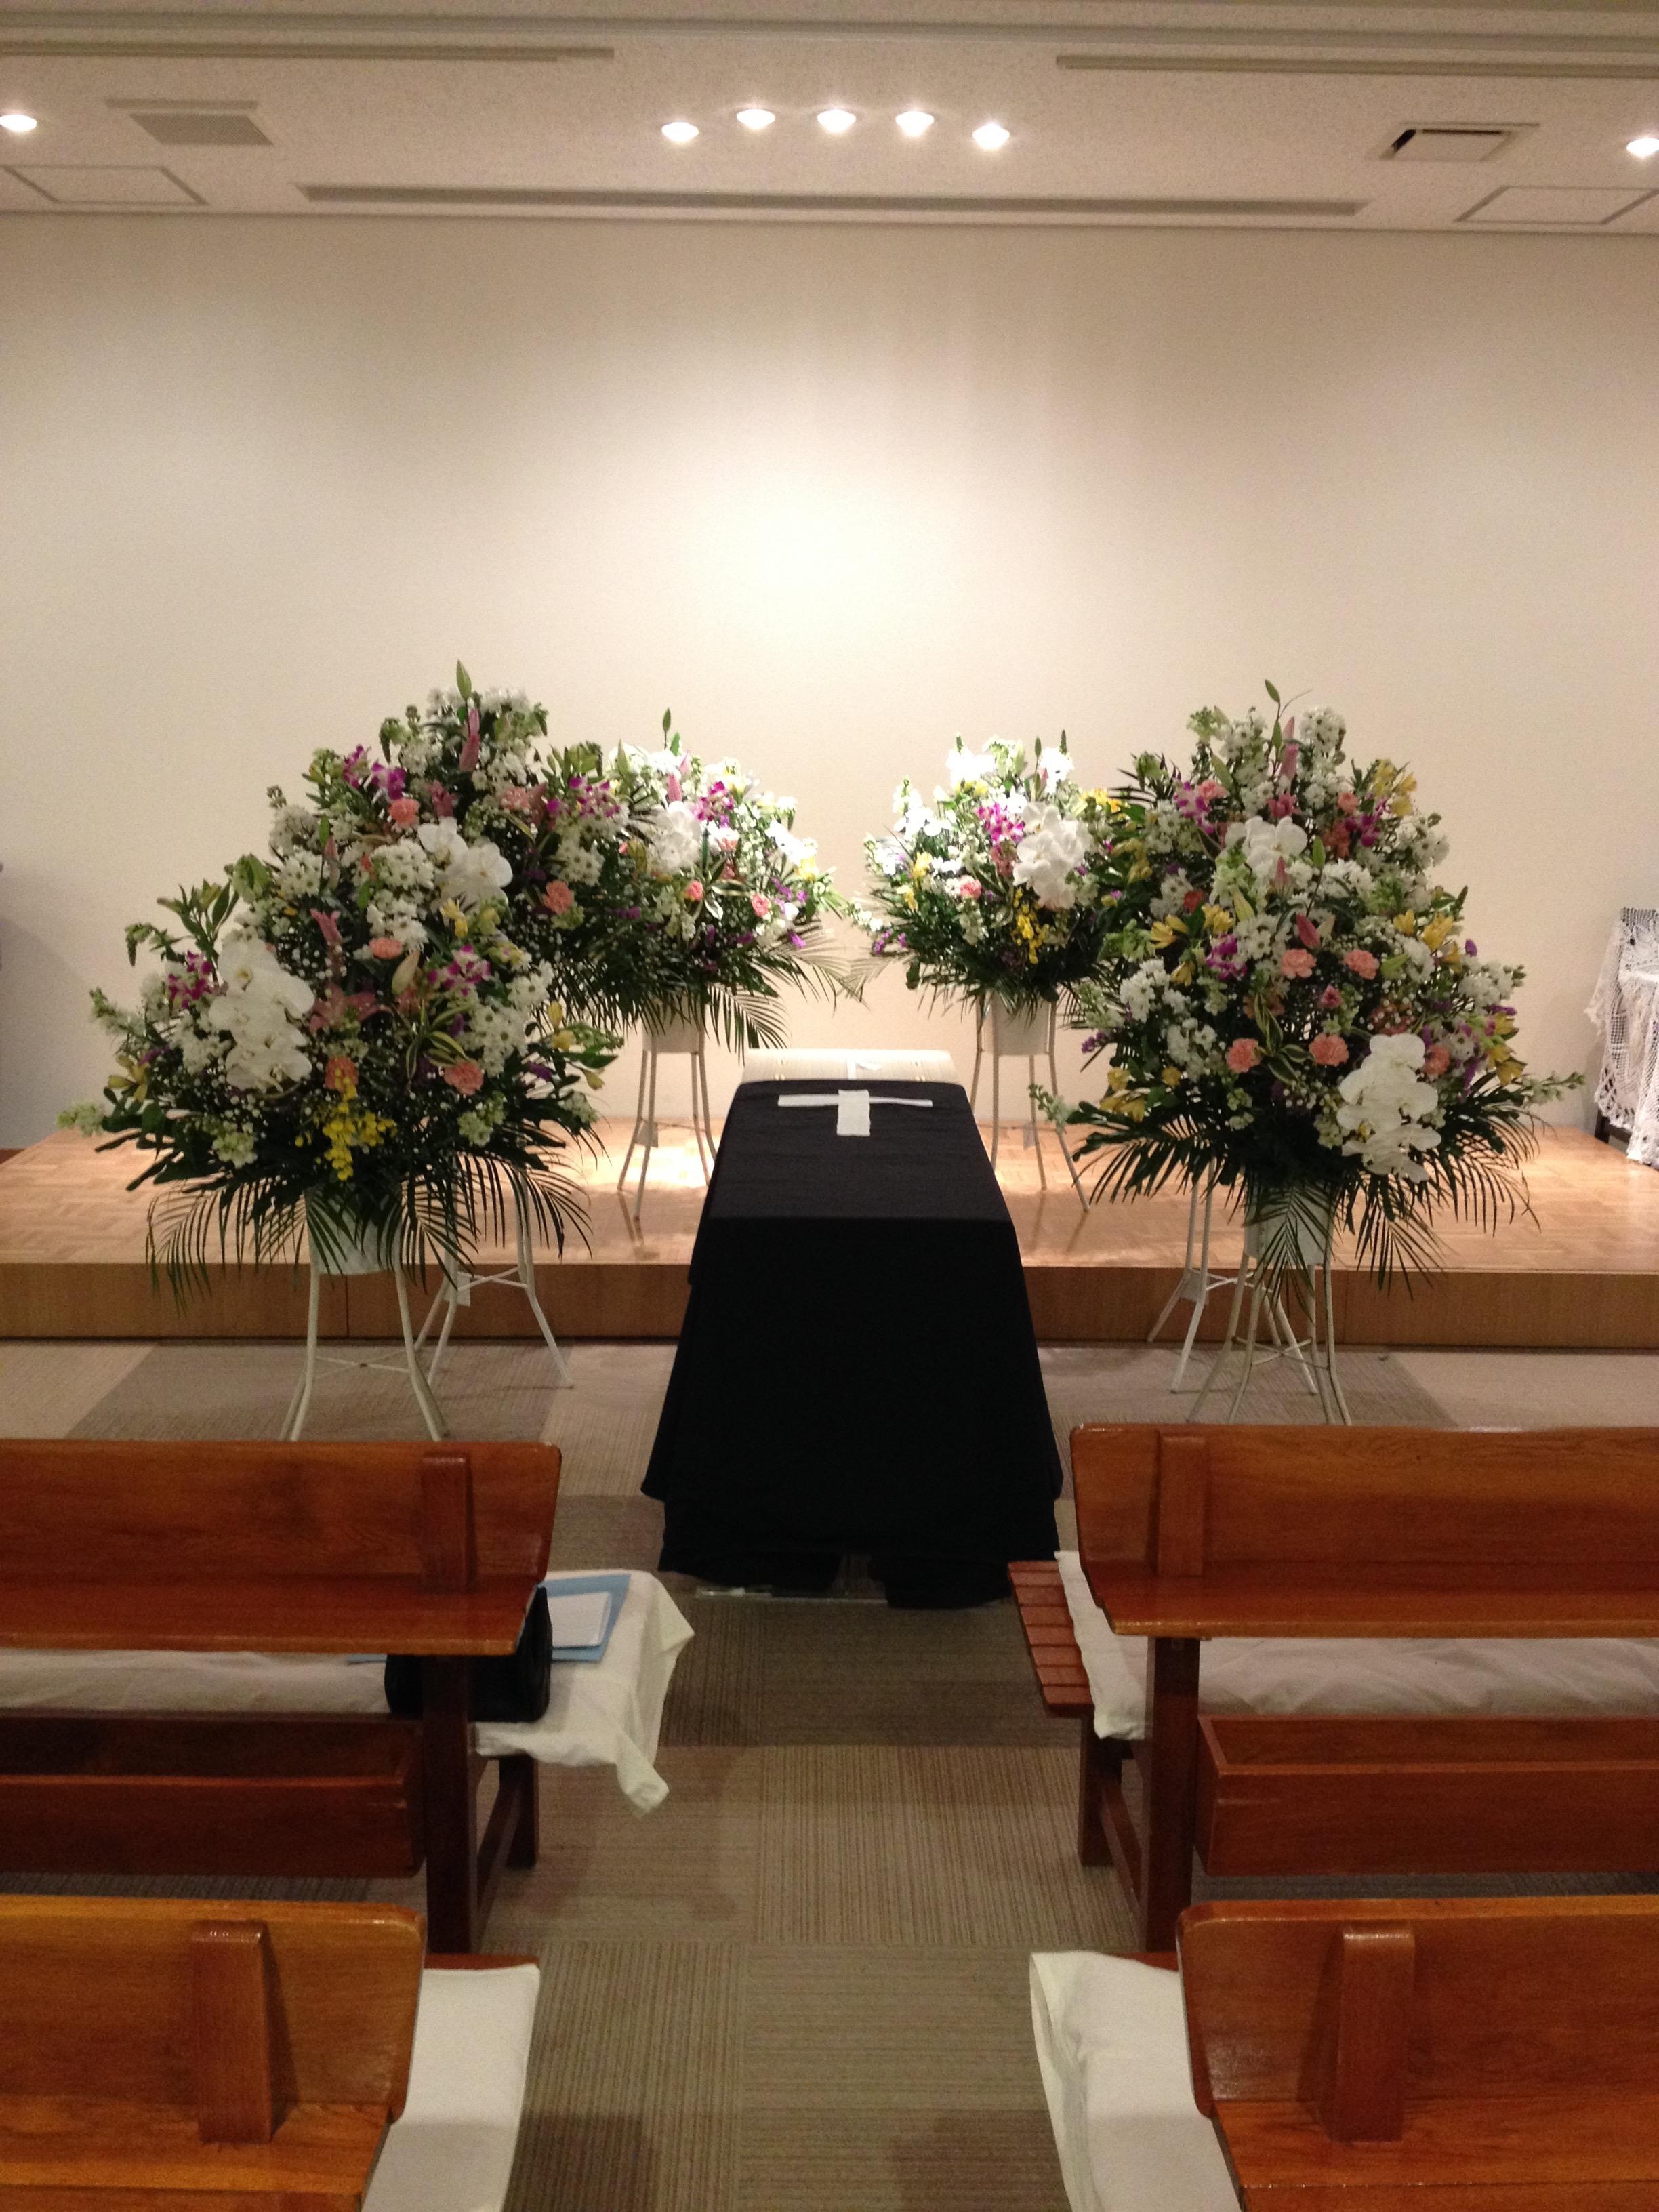 二階の礼拝堂での葬儀式